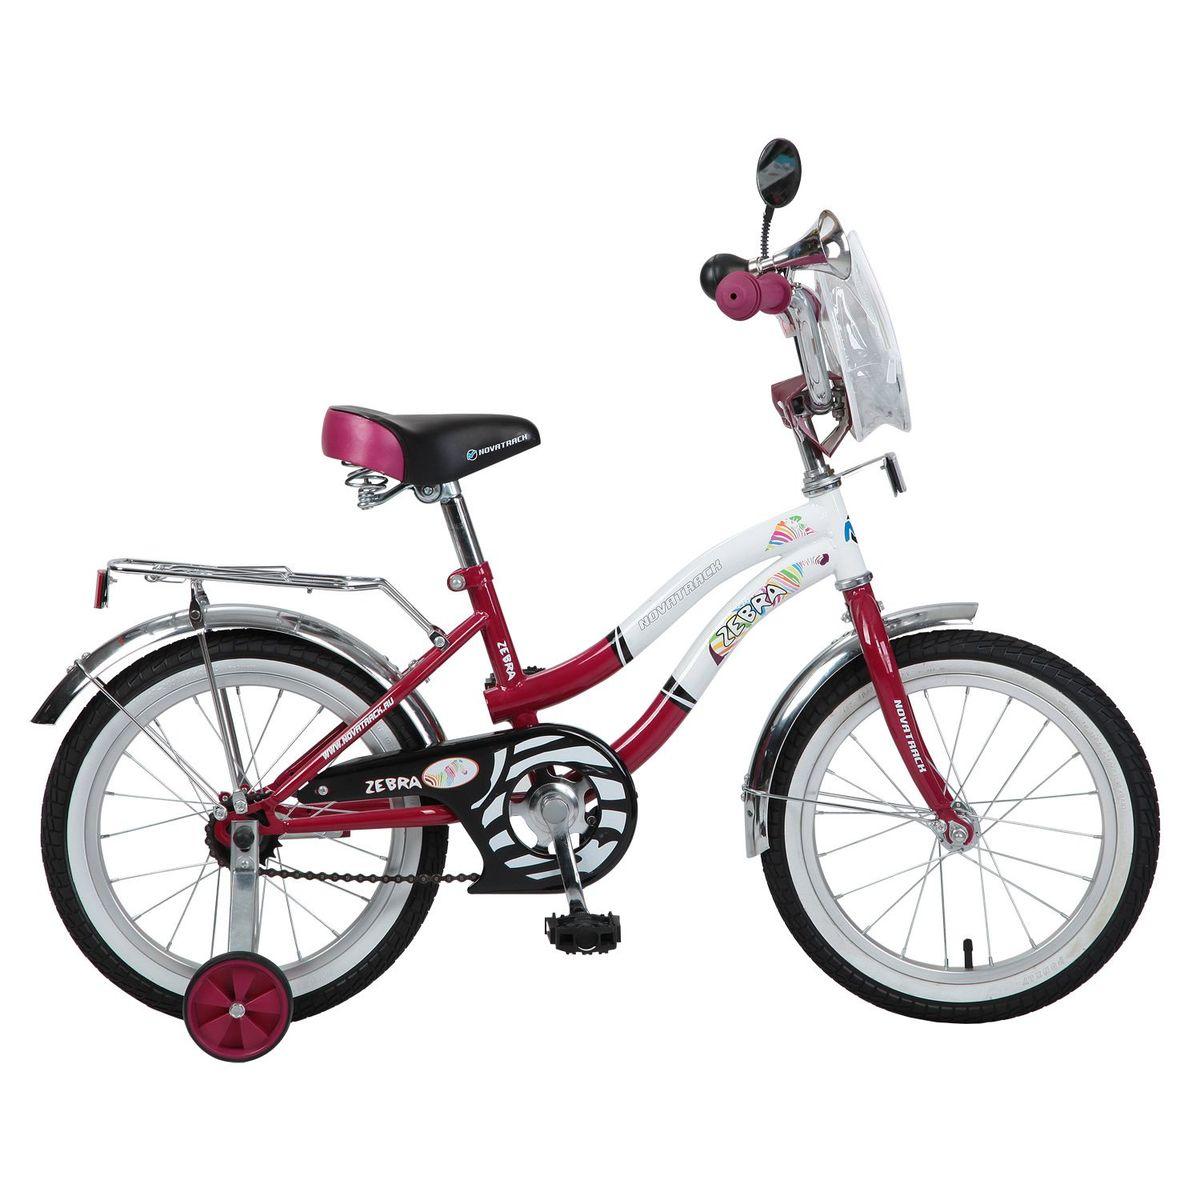 Велосипед детский Novatrack Zebra, цвет: бордовый, белый, 16 велосипед детский novatrack zebra цвет бордовый белый 12